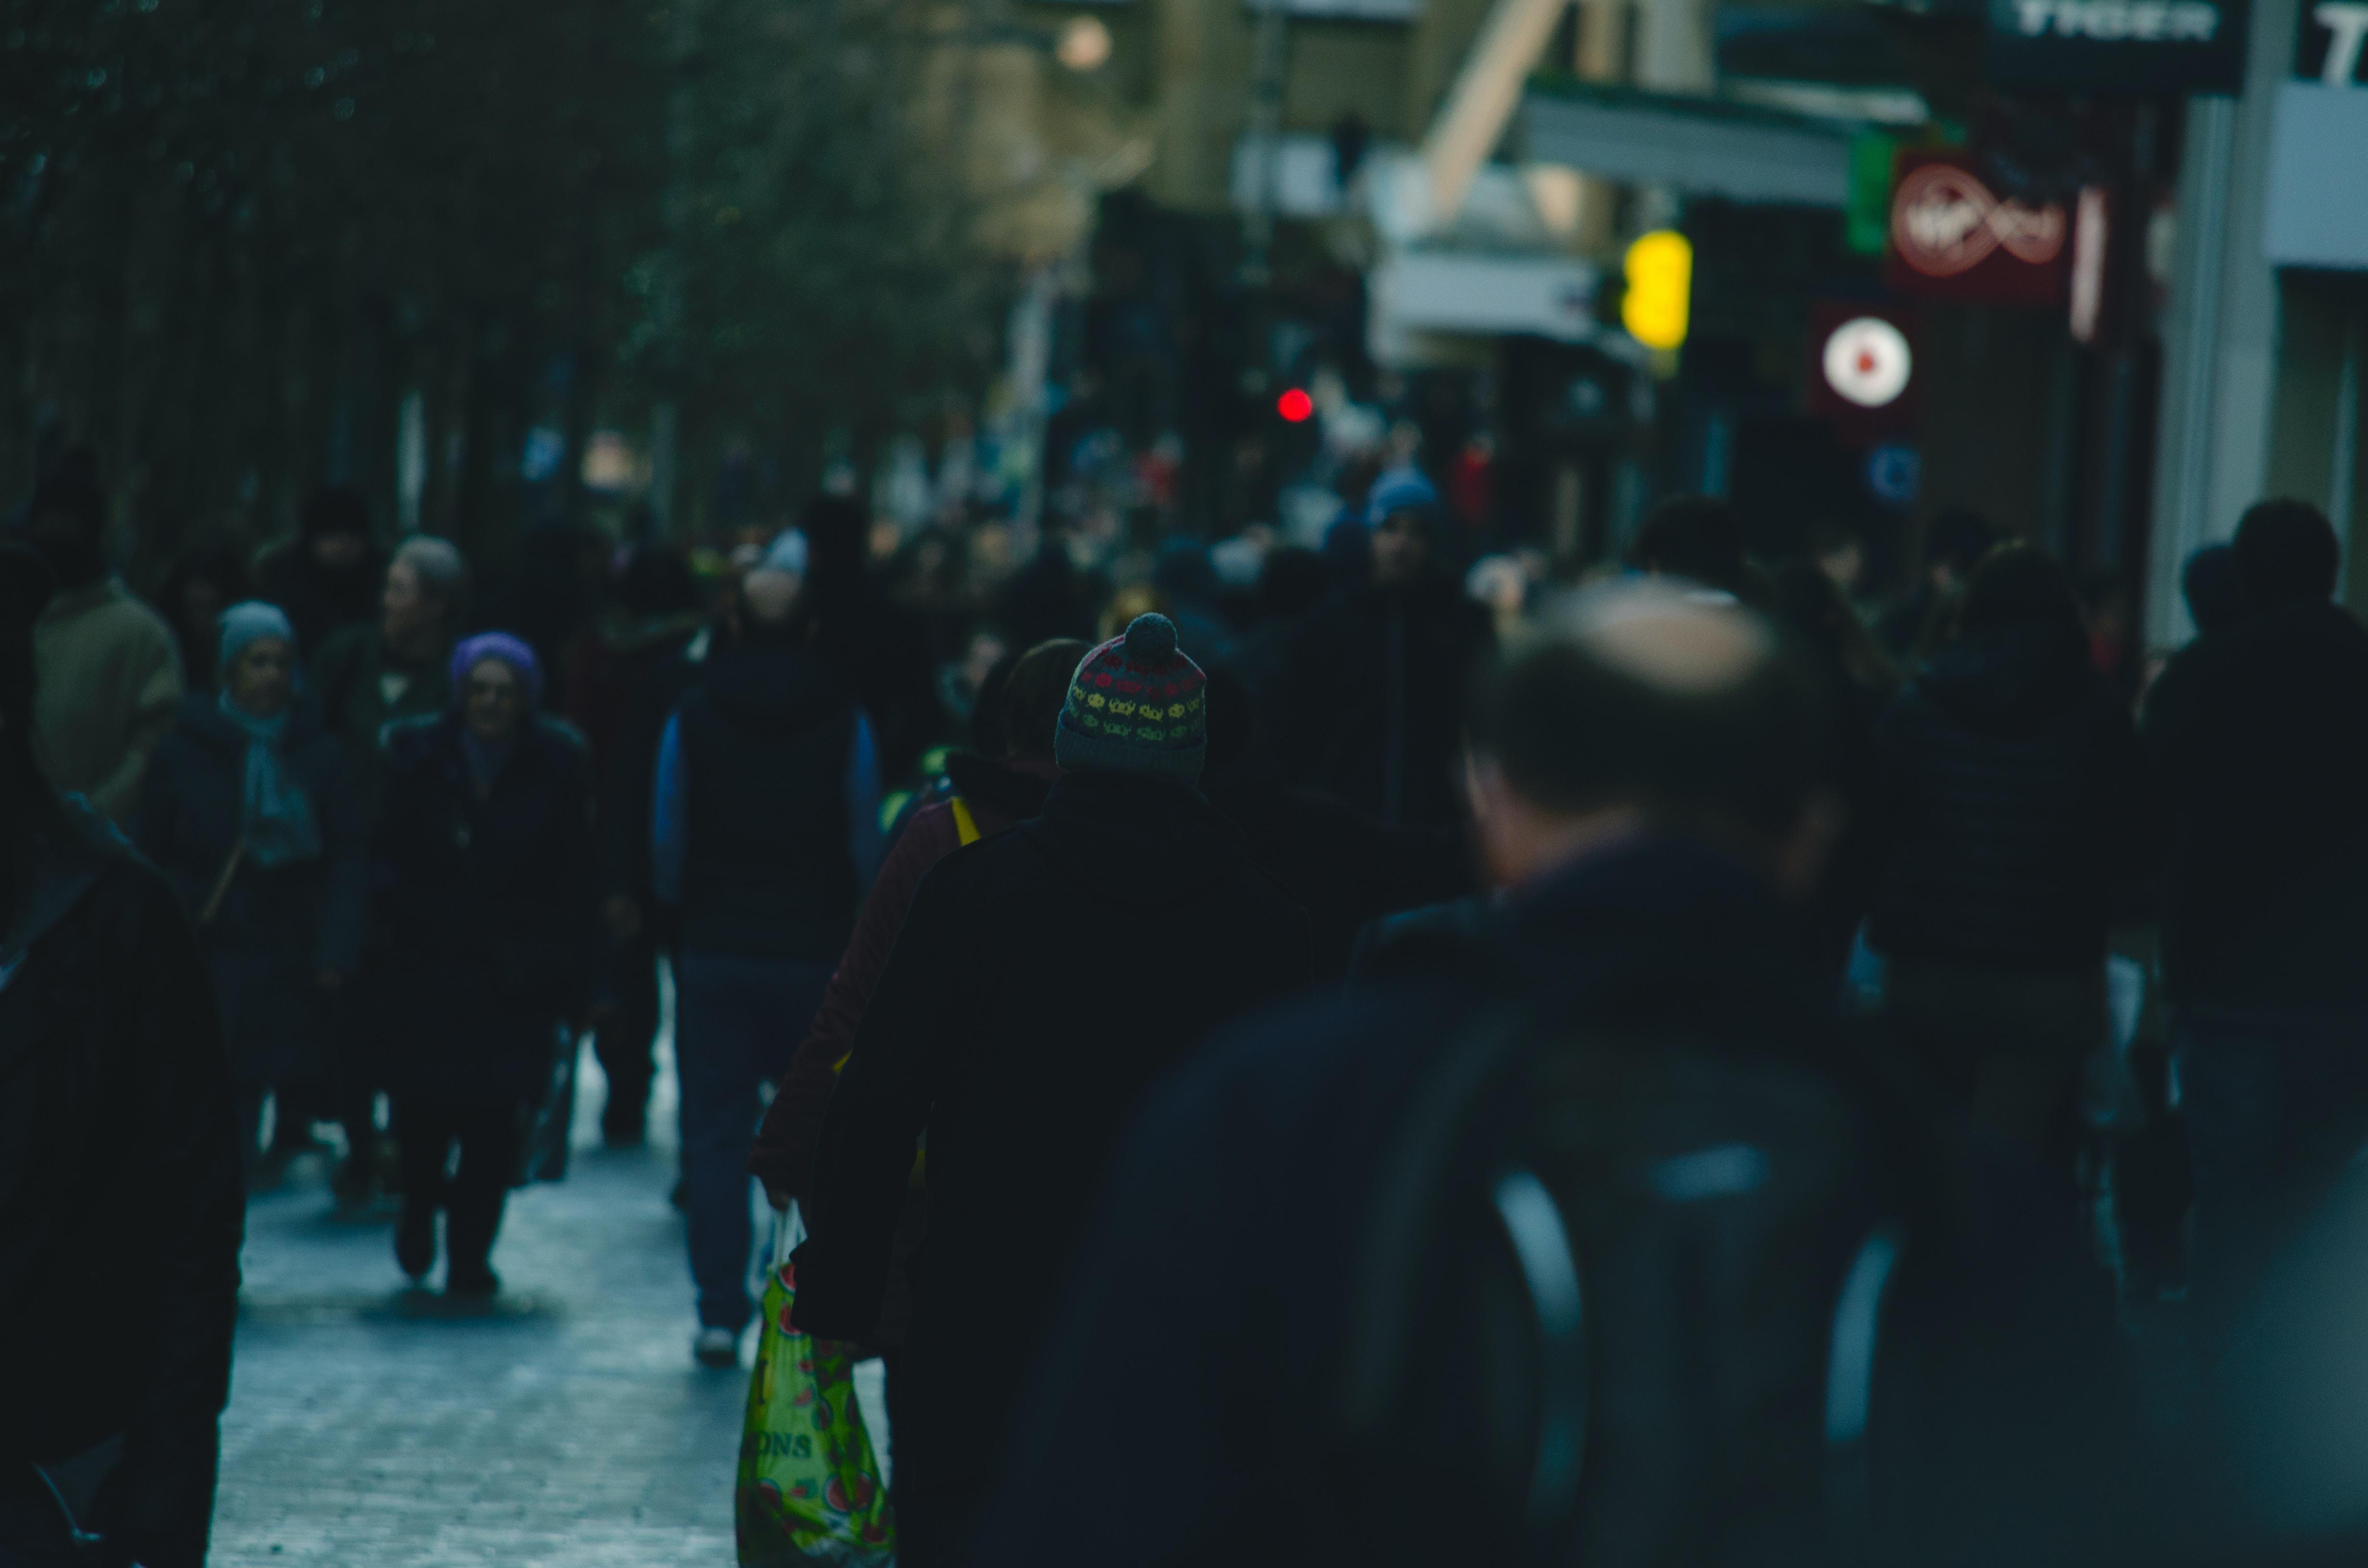 people walking on street near building